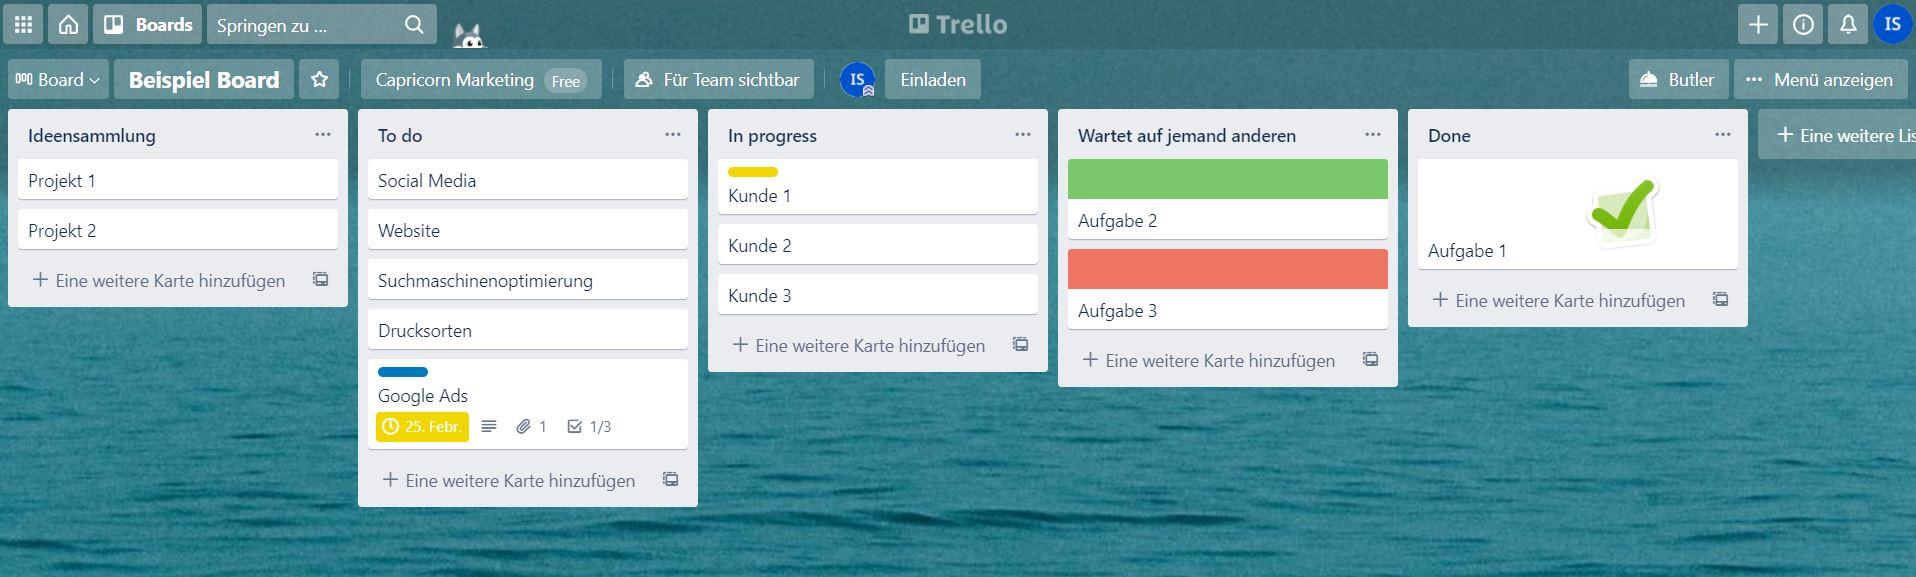 Tools für EPU: Trello